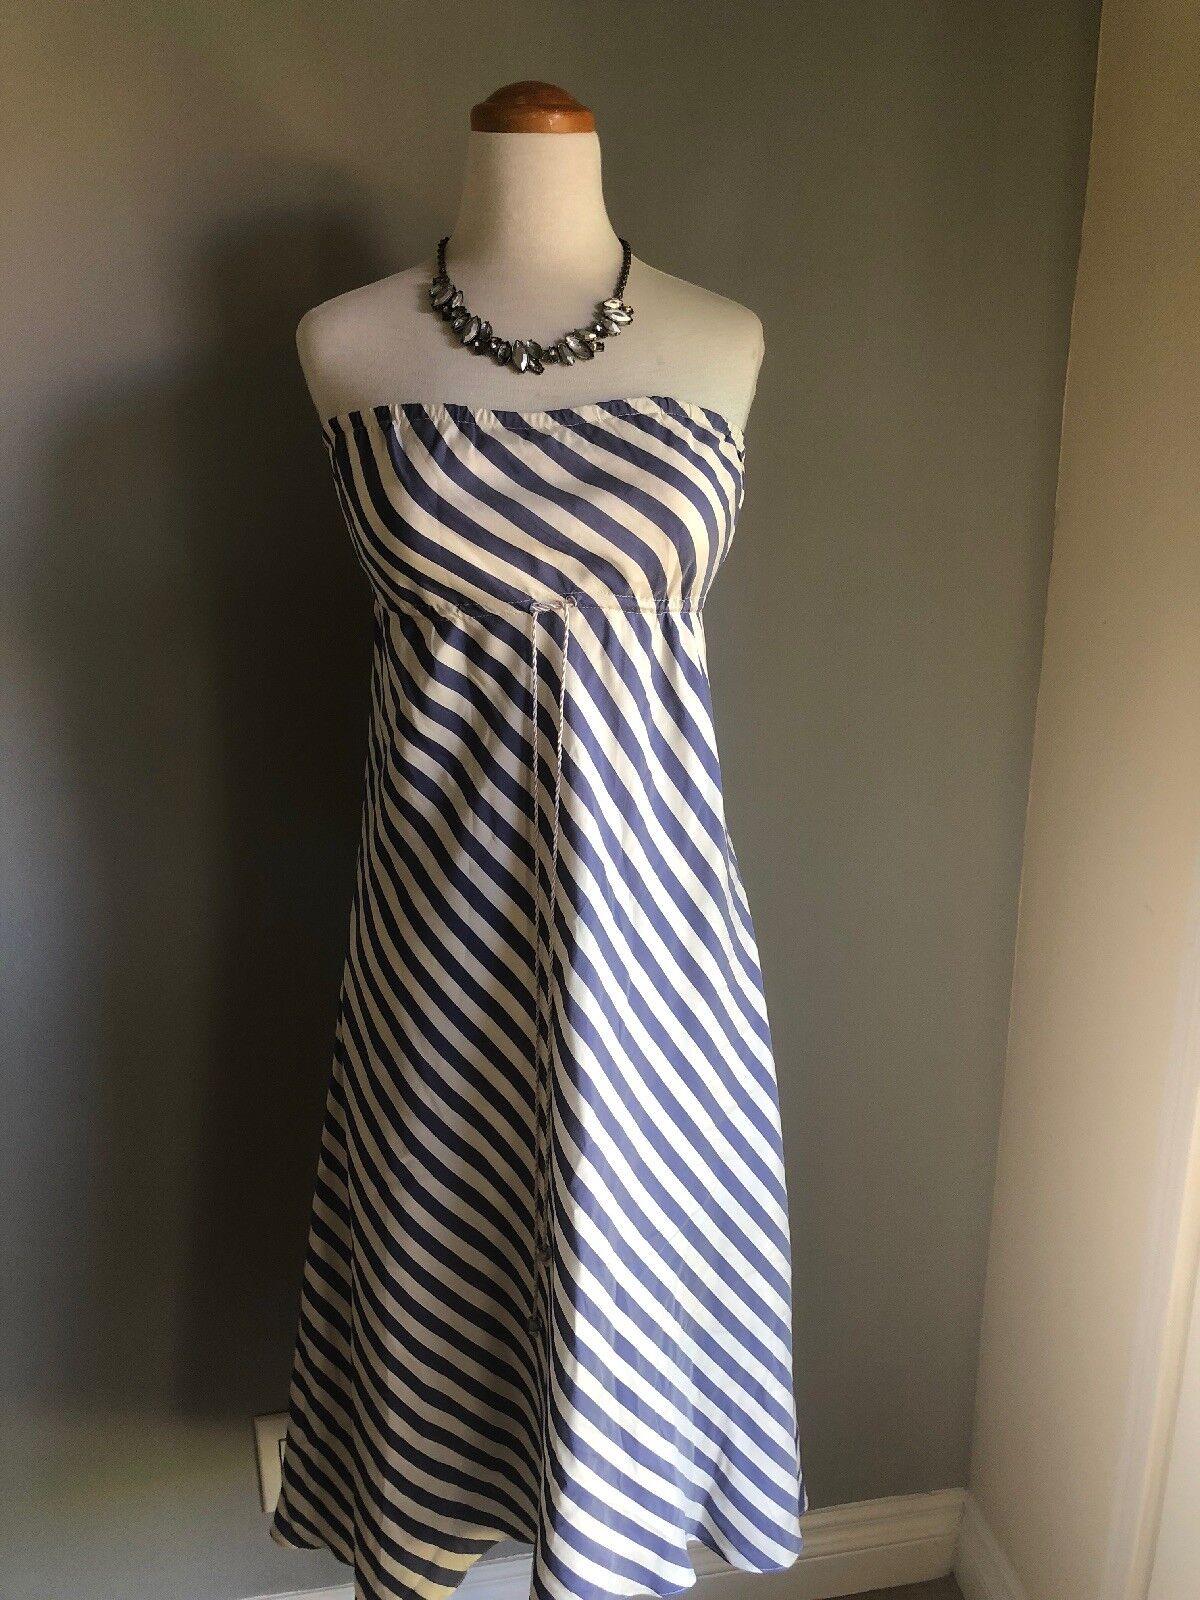 Bill Blass New York Dress Size 6 100% Silk